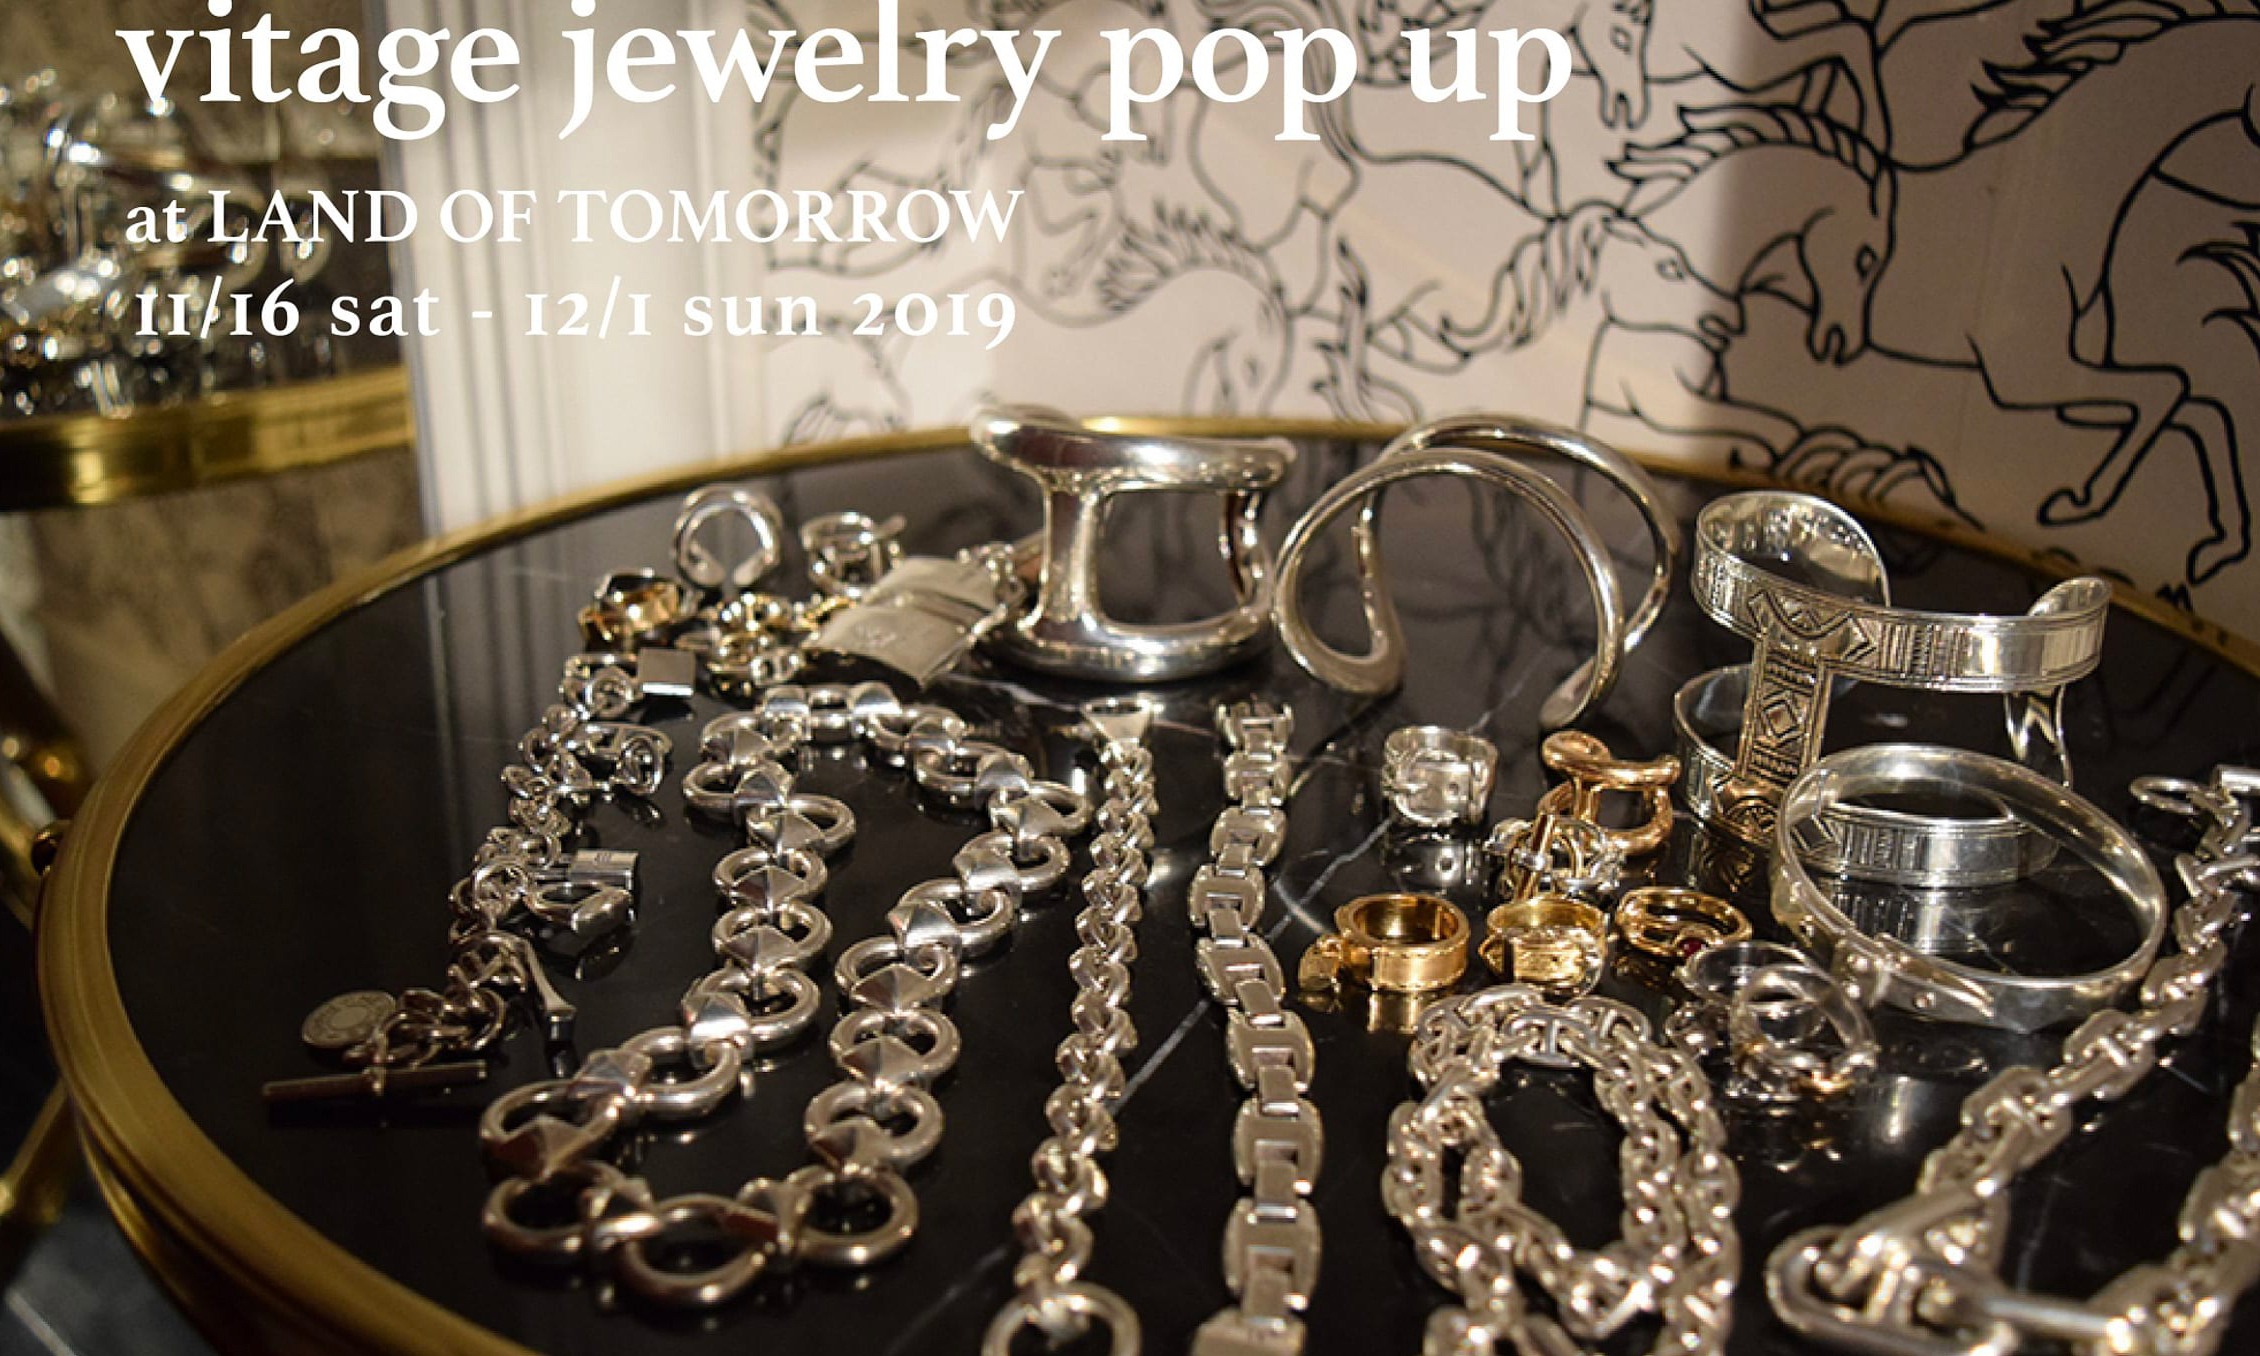 精品选货店 LAND OF TOMORROW 将举办 HERMÈS 古董珠宝 Pop-Up